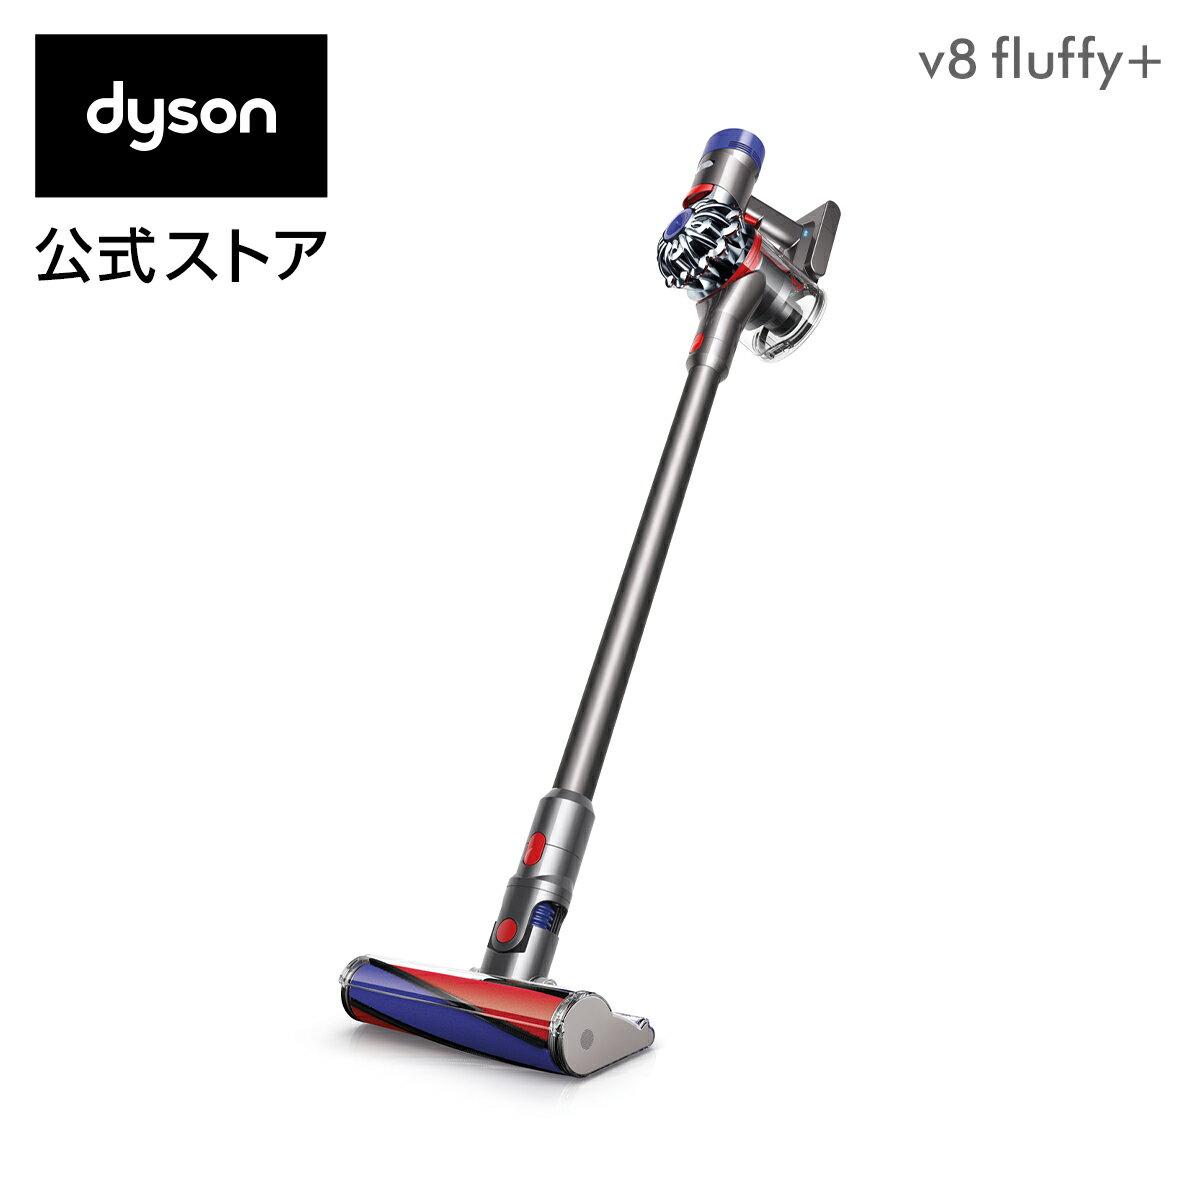 20日10時より【期間限定】ダイソン Dyson V8 Fluffy+ サイクロン式 コードレス掃除機 SV10FFCOM2 アイアン 2017年モデル